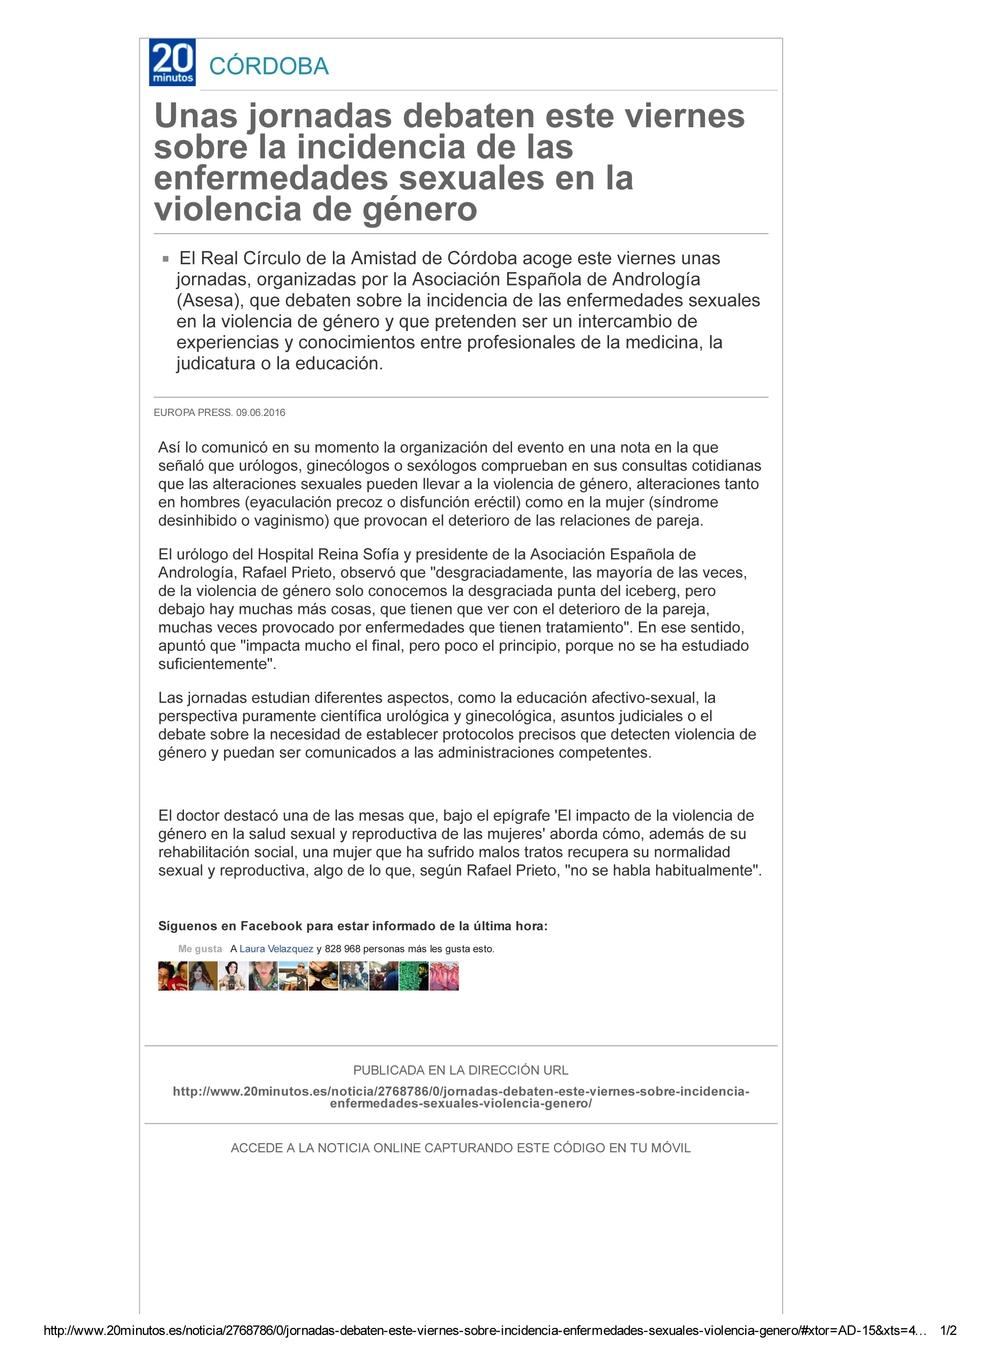 Dossier Jornadas disfunciones y violencia de género-1.jpg